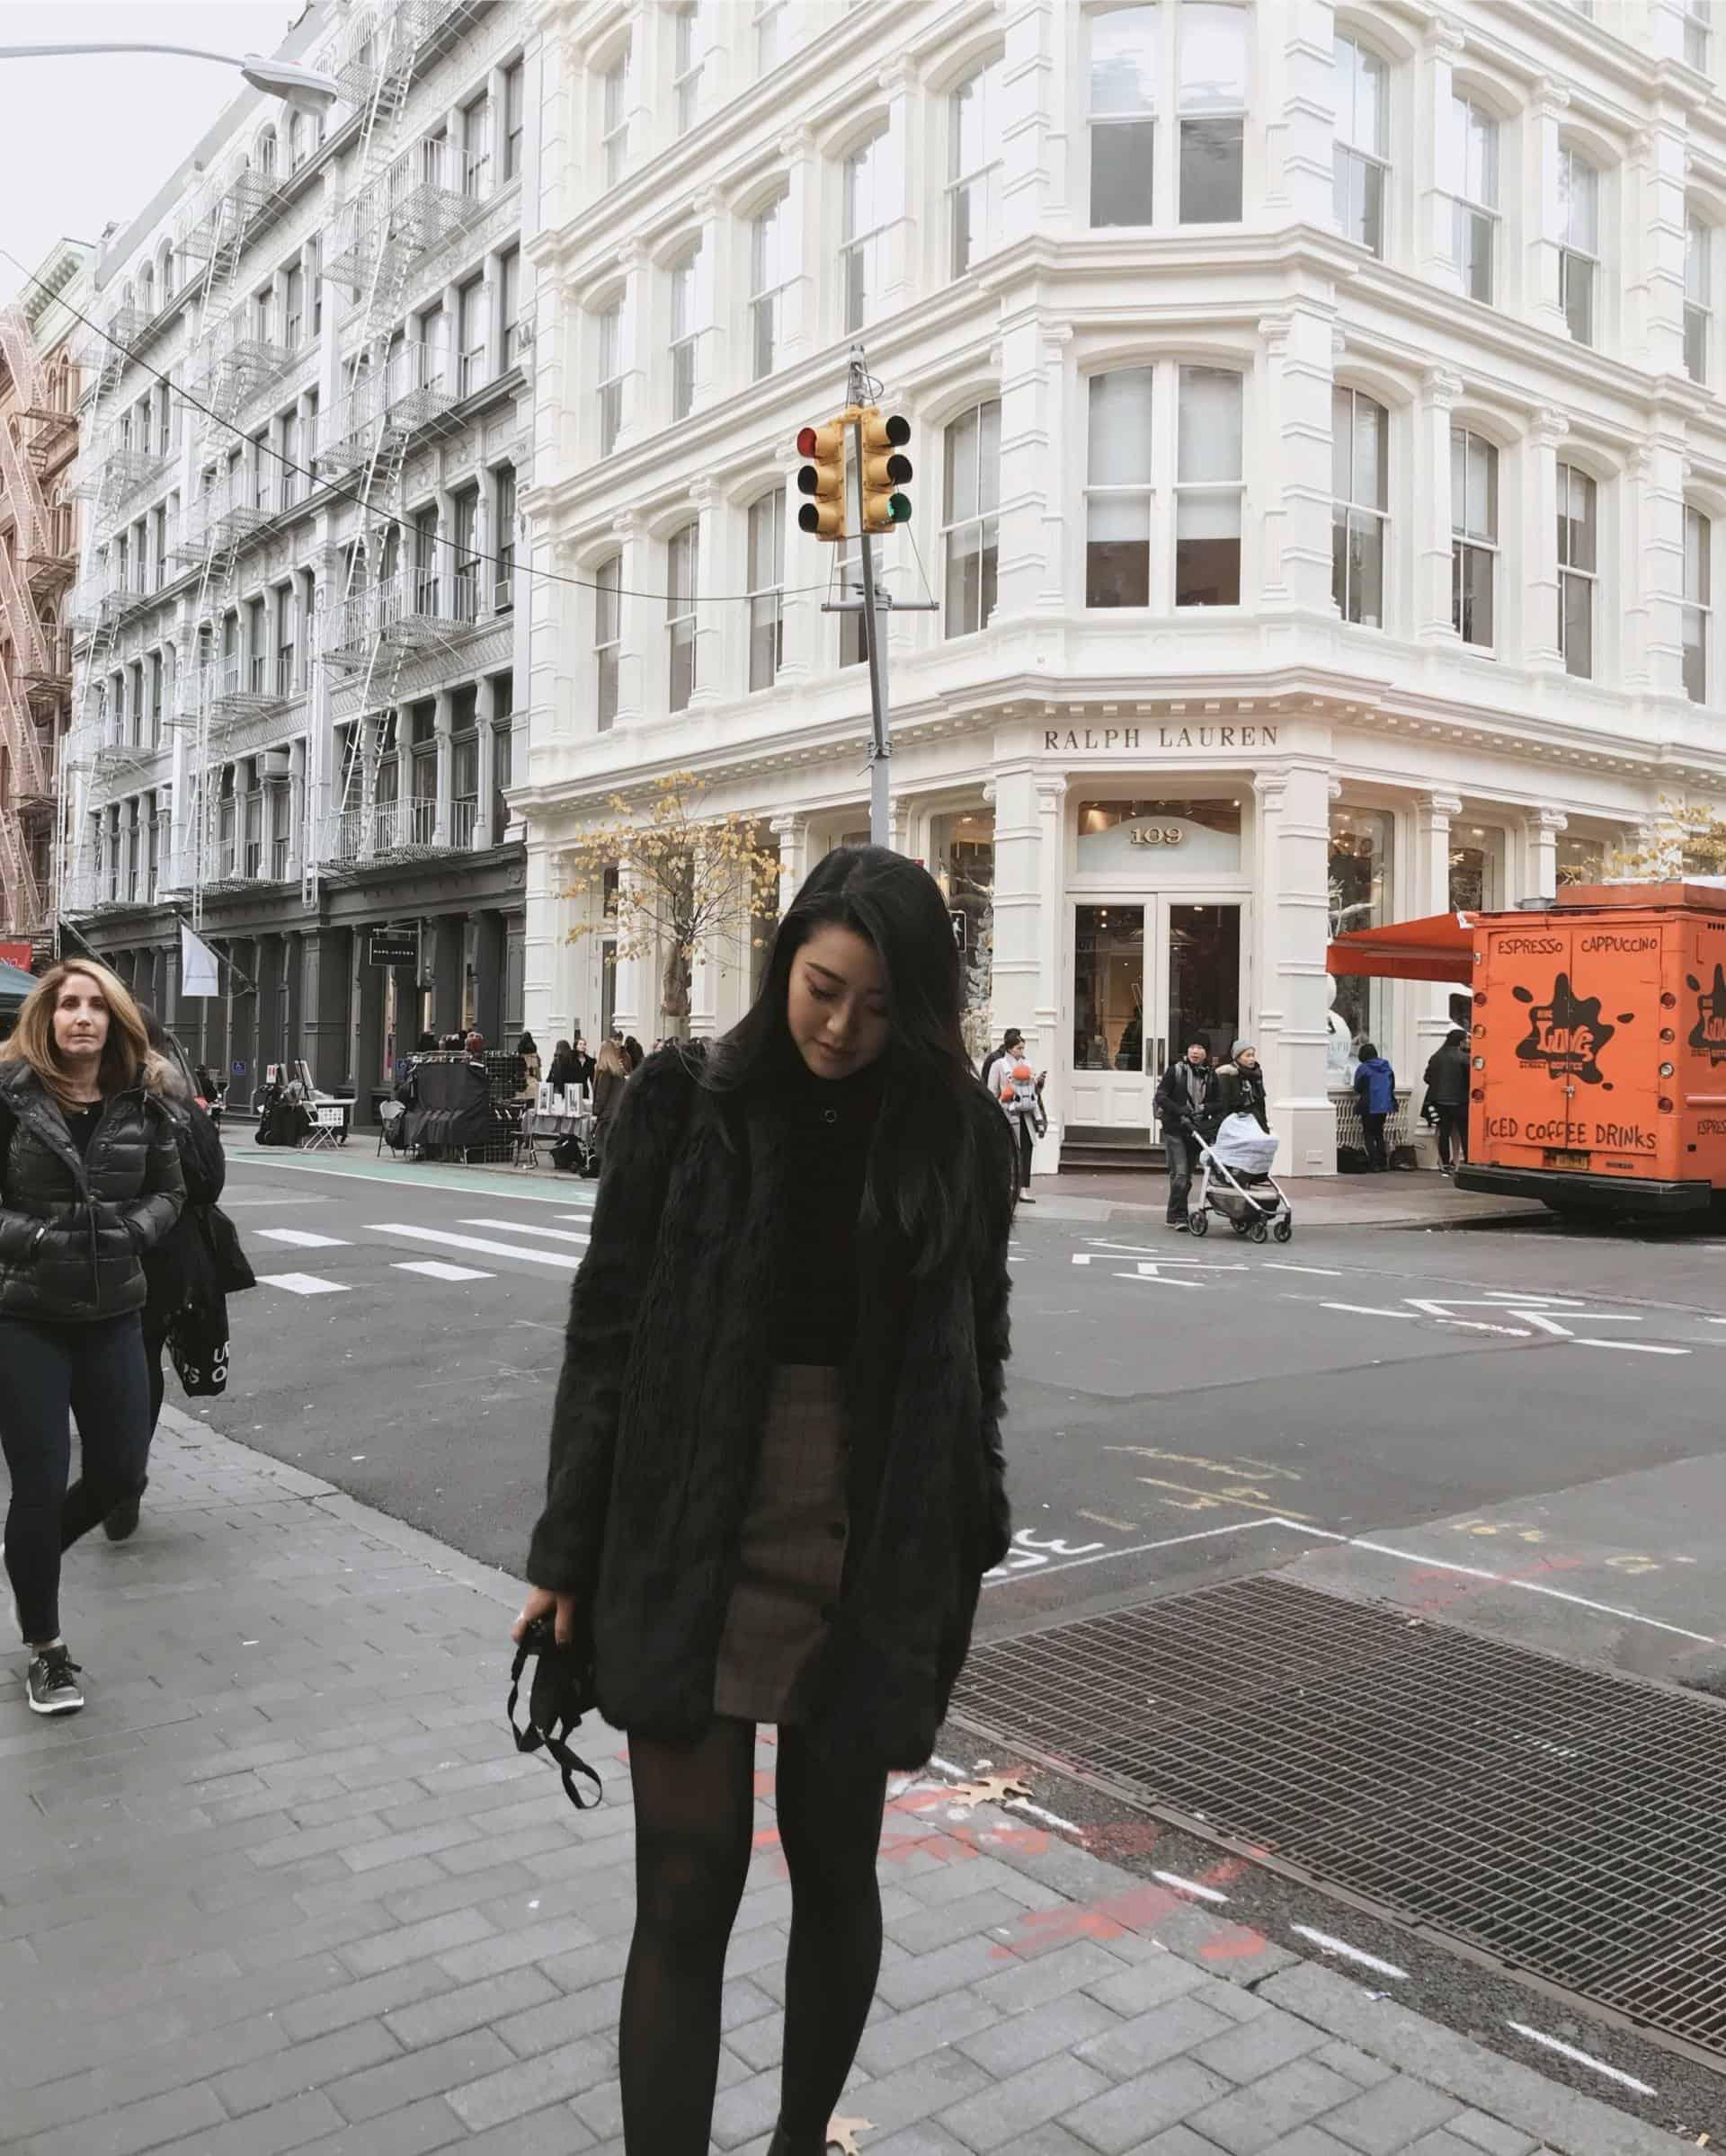 Shopping in Soho, New York